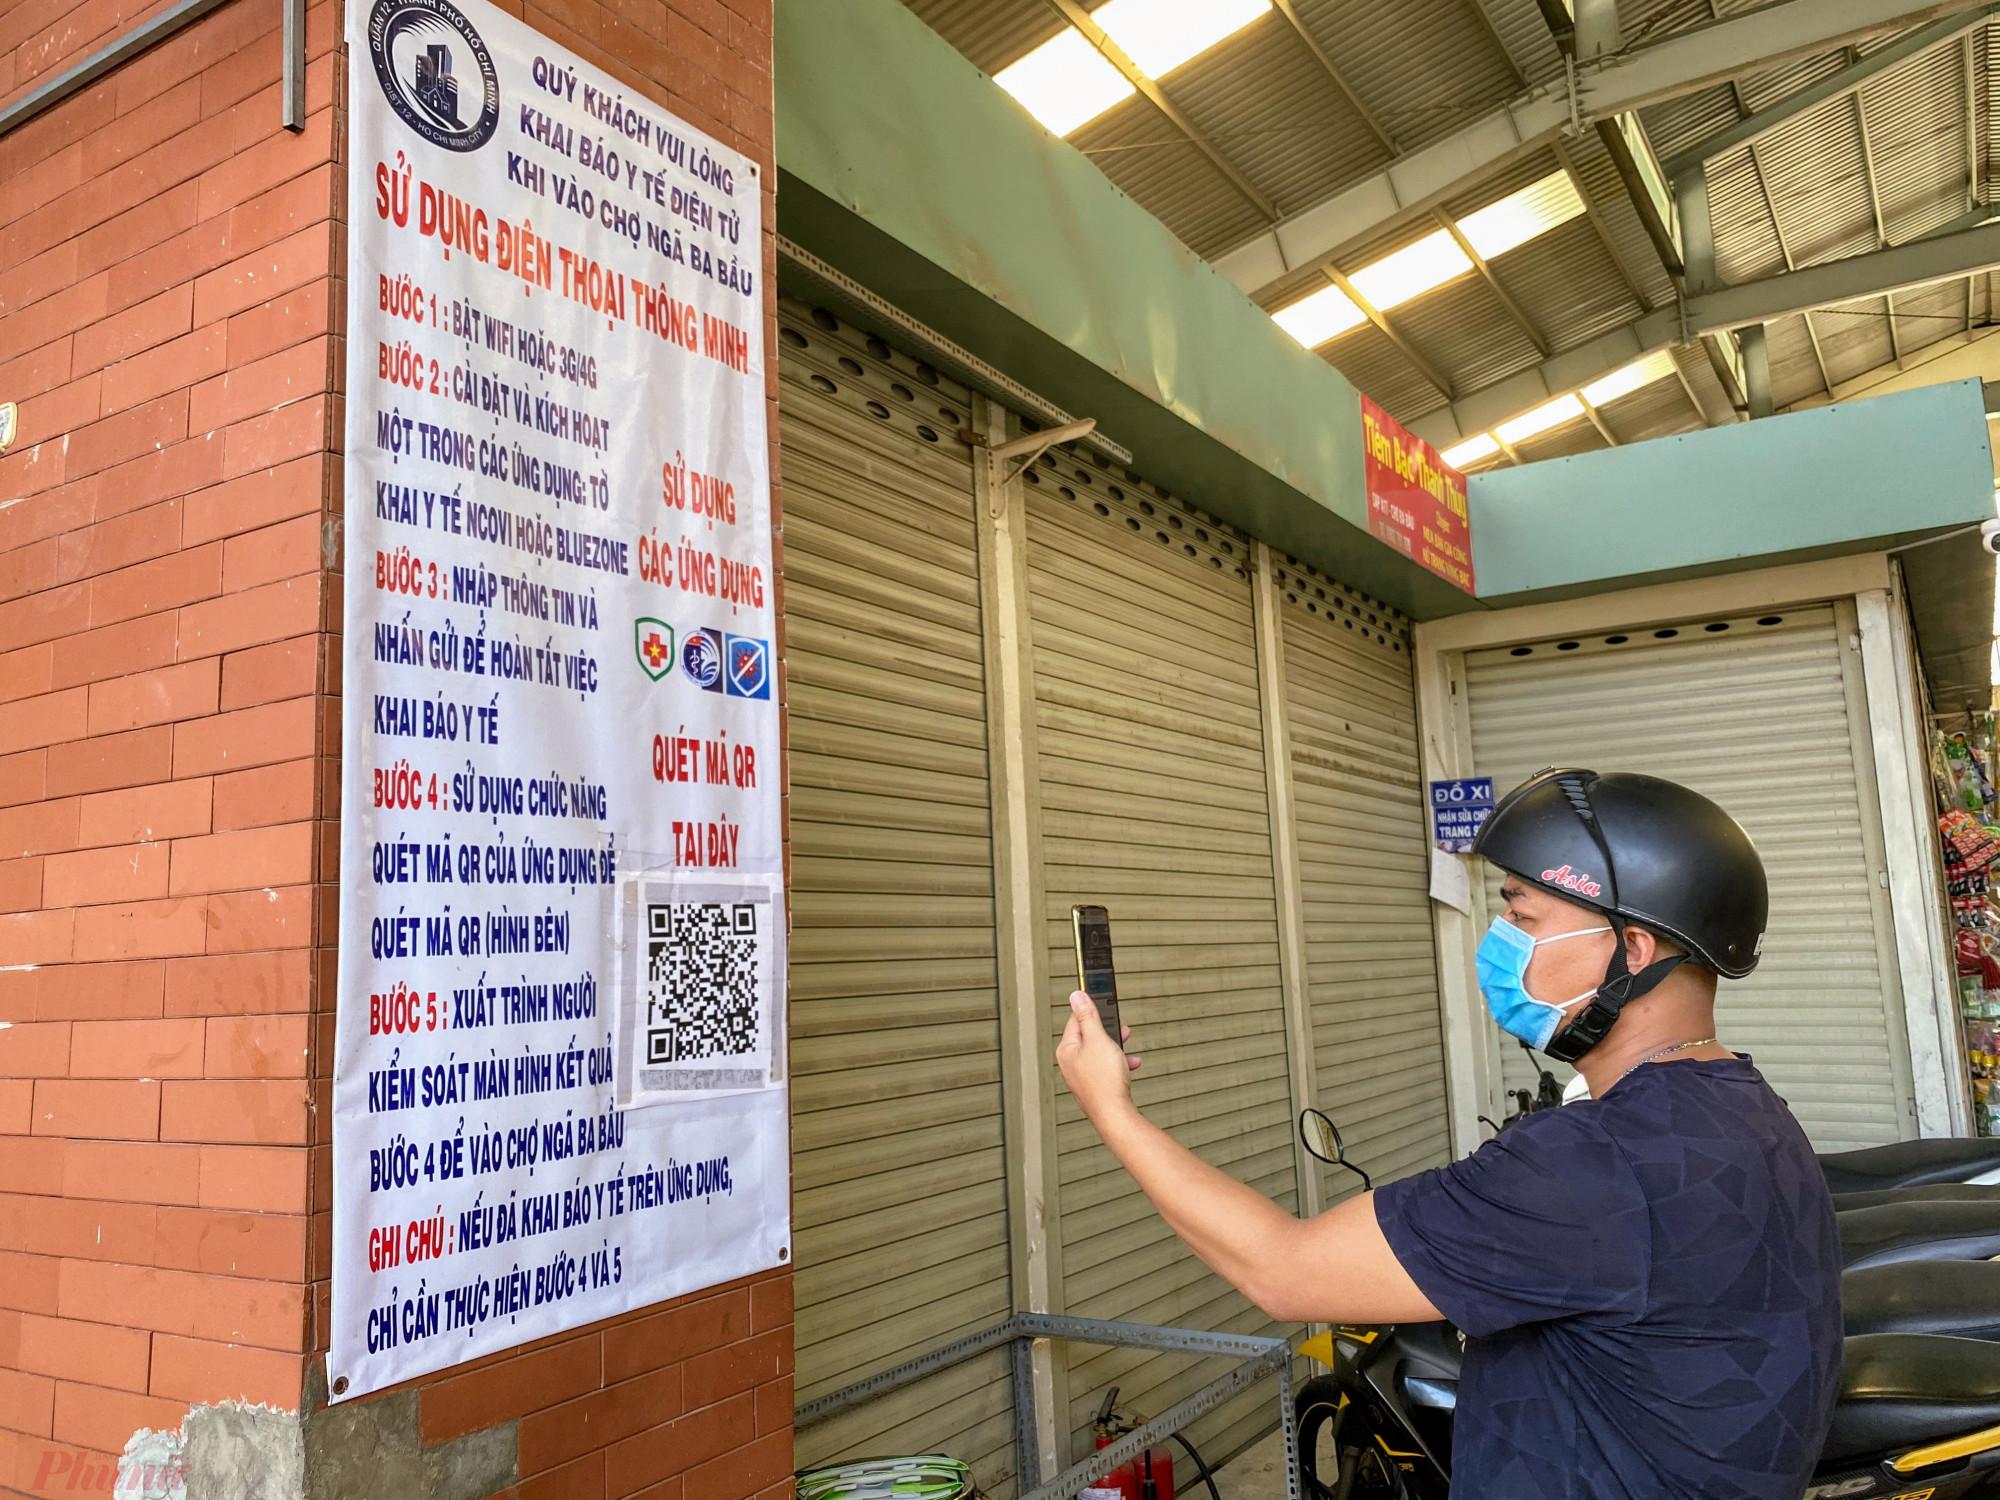 Người  dân thực hiện khai báo y tế khi vào chợ, đối  với  người  không  có điện thoại thông minh, ngay  tại  khu  vực đo thân nhiệt có sẵn sổ điền thông tin, số  điện  thoại  để  chợ  kiểm  soát  lượng  người  ra  vào  chợợ.